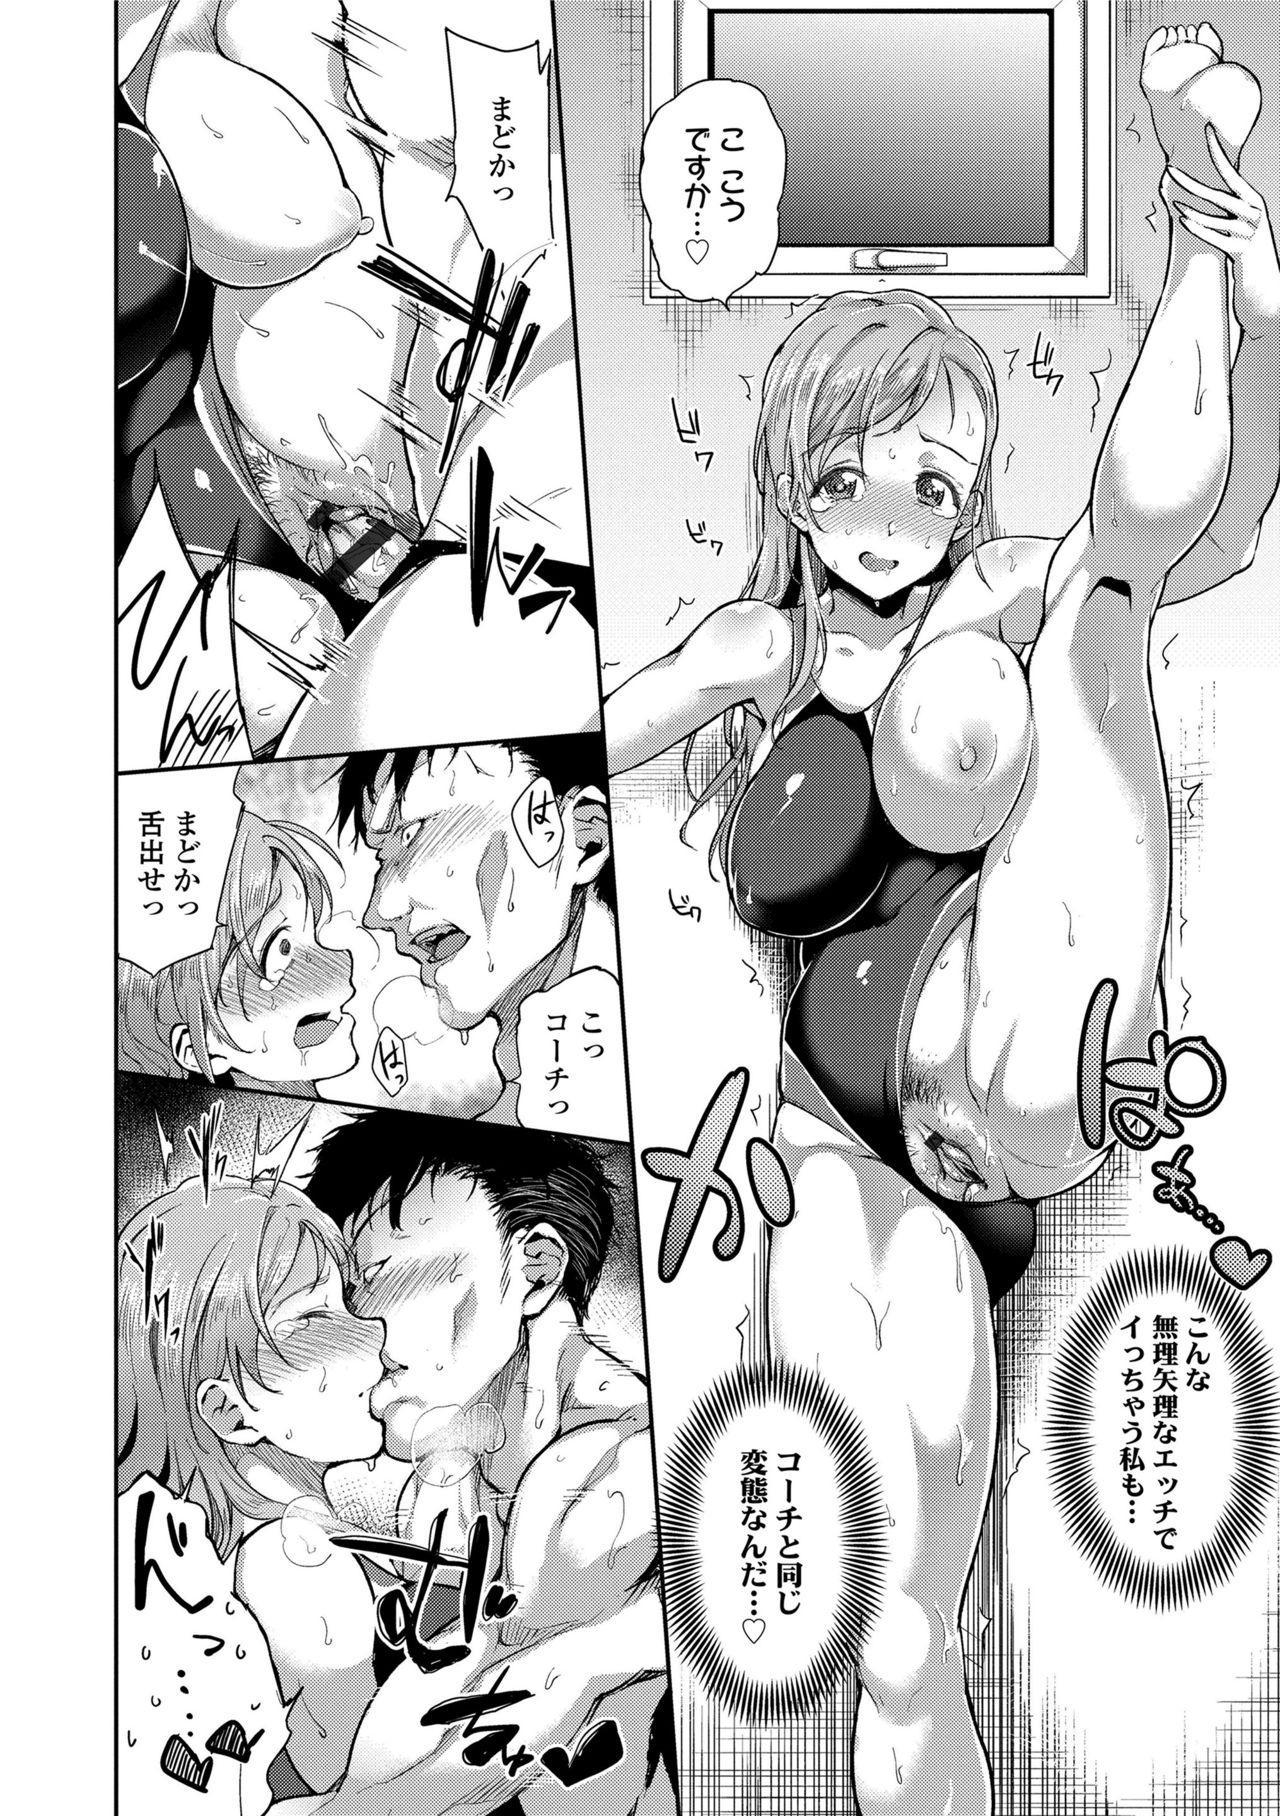 Ai ga Nakutemo Ecchi wa Dekiru! - Even if There is No Love You Can H! 141